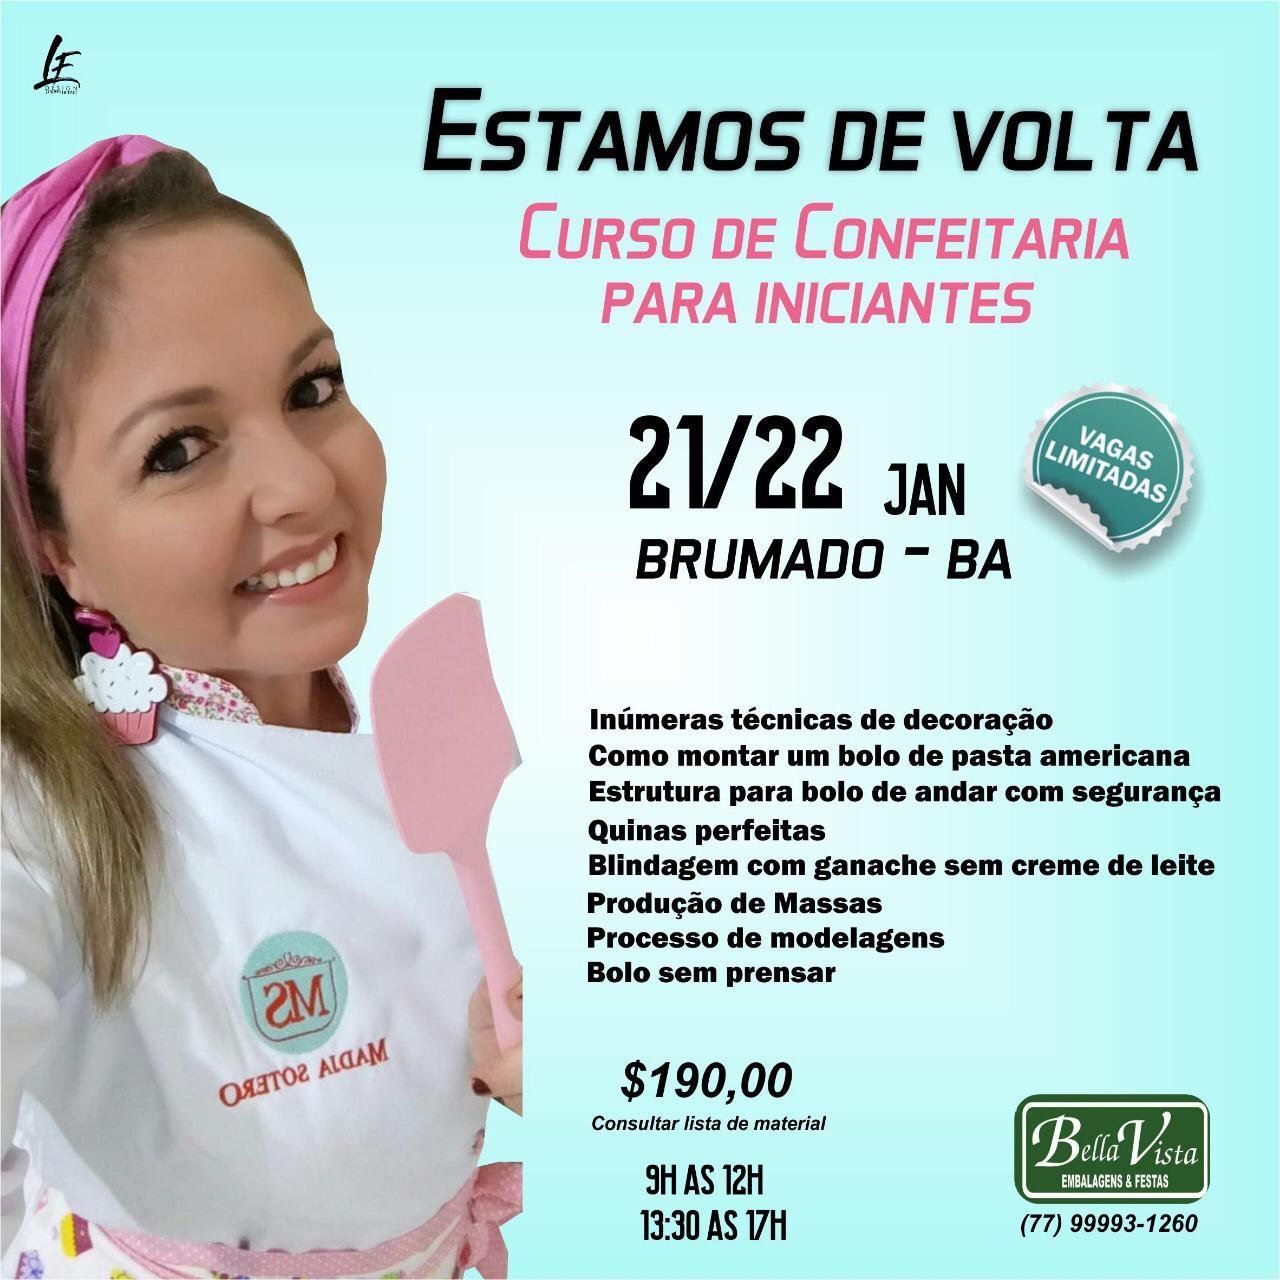 Bella Vista Embalagens realizará curso de confeitaria para iniciantes com a instrutora Madja Sotero